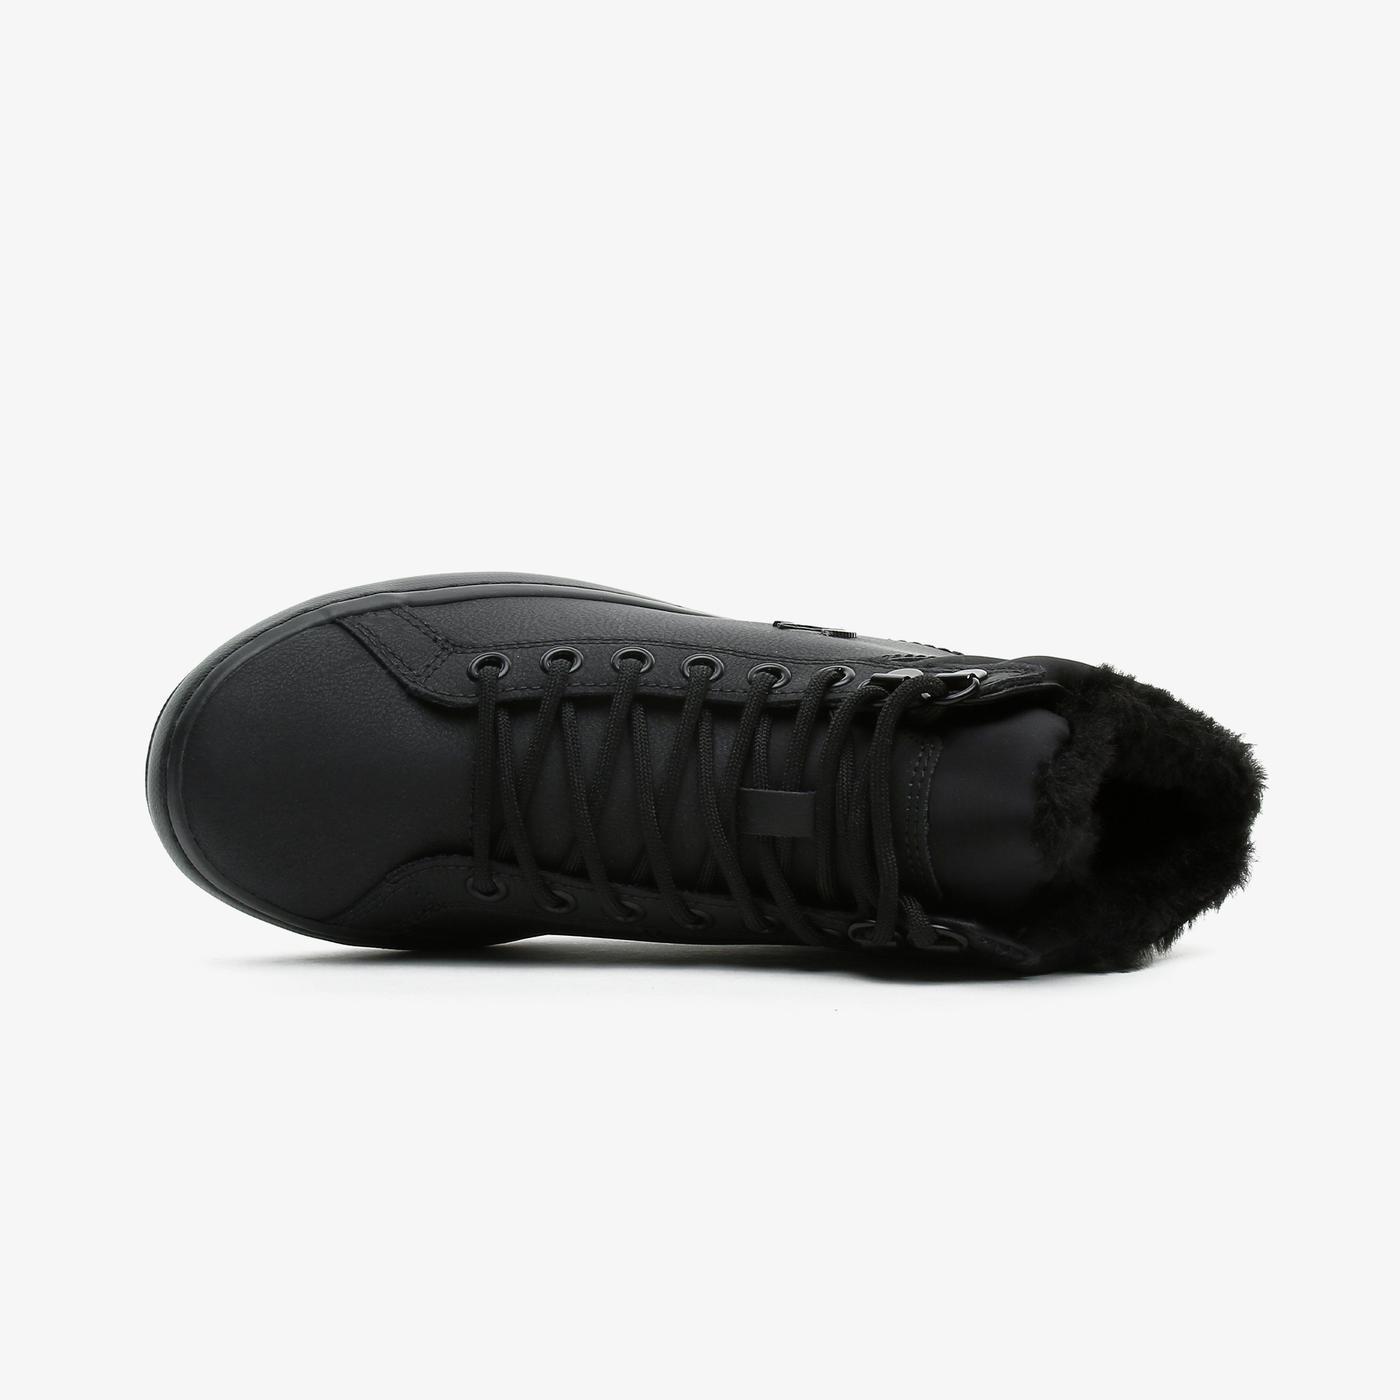 Lacoste Straightset Kadın Siyah Spor Ayakkabı